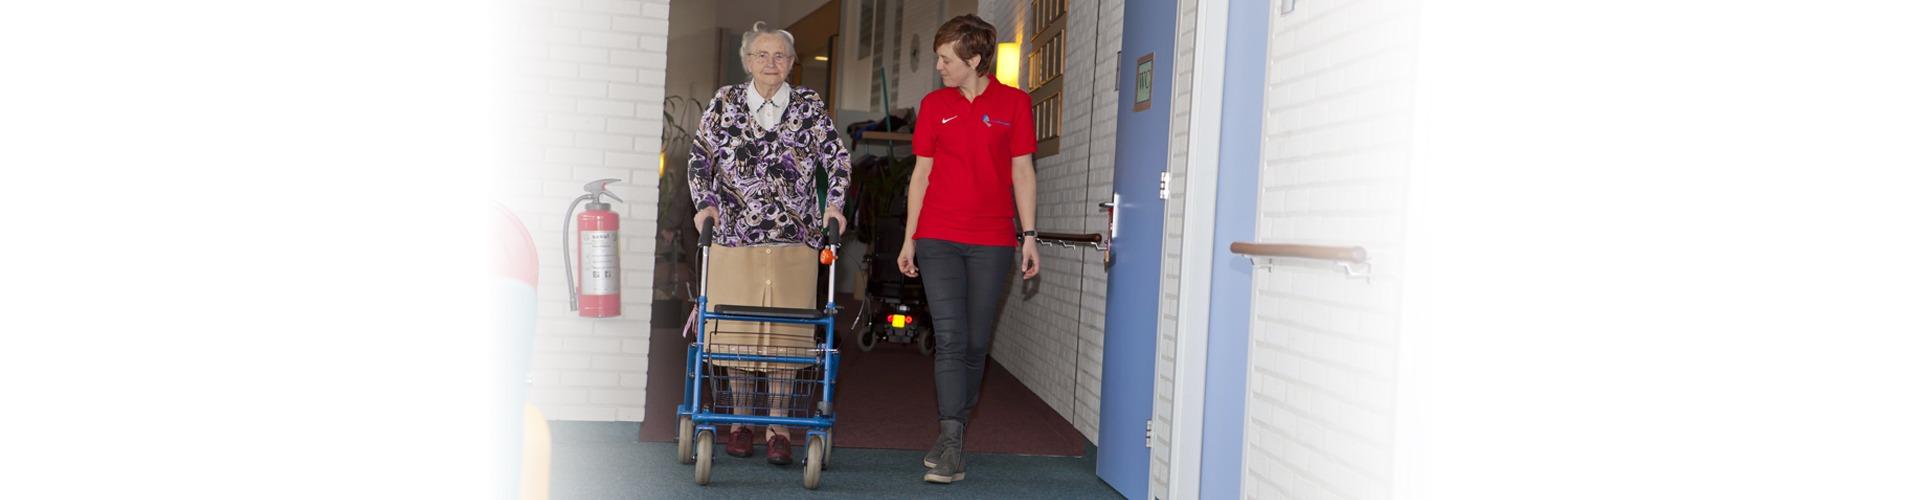 ouderenzorg-slider